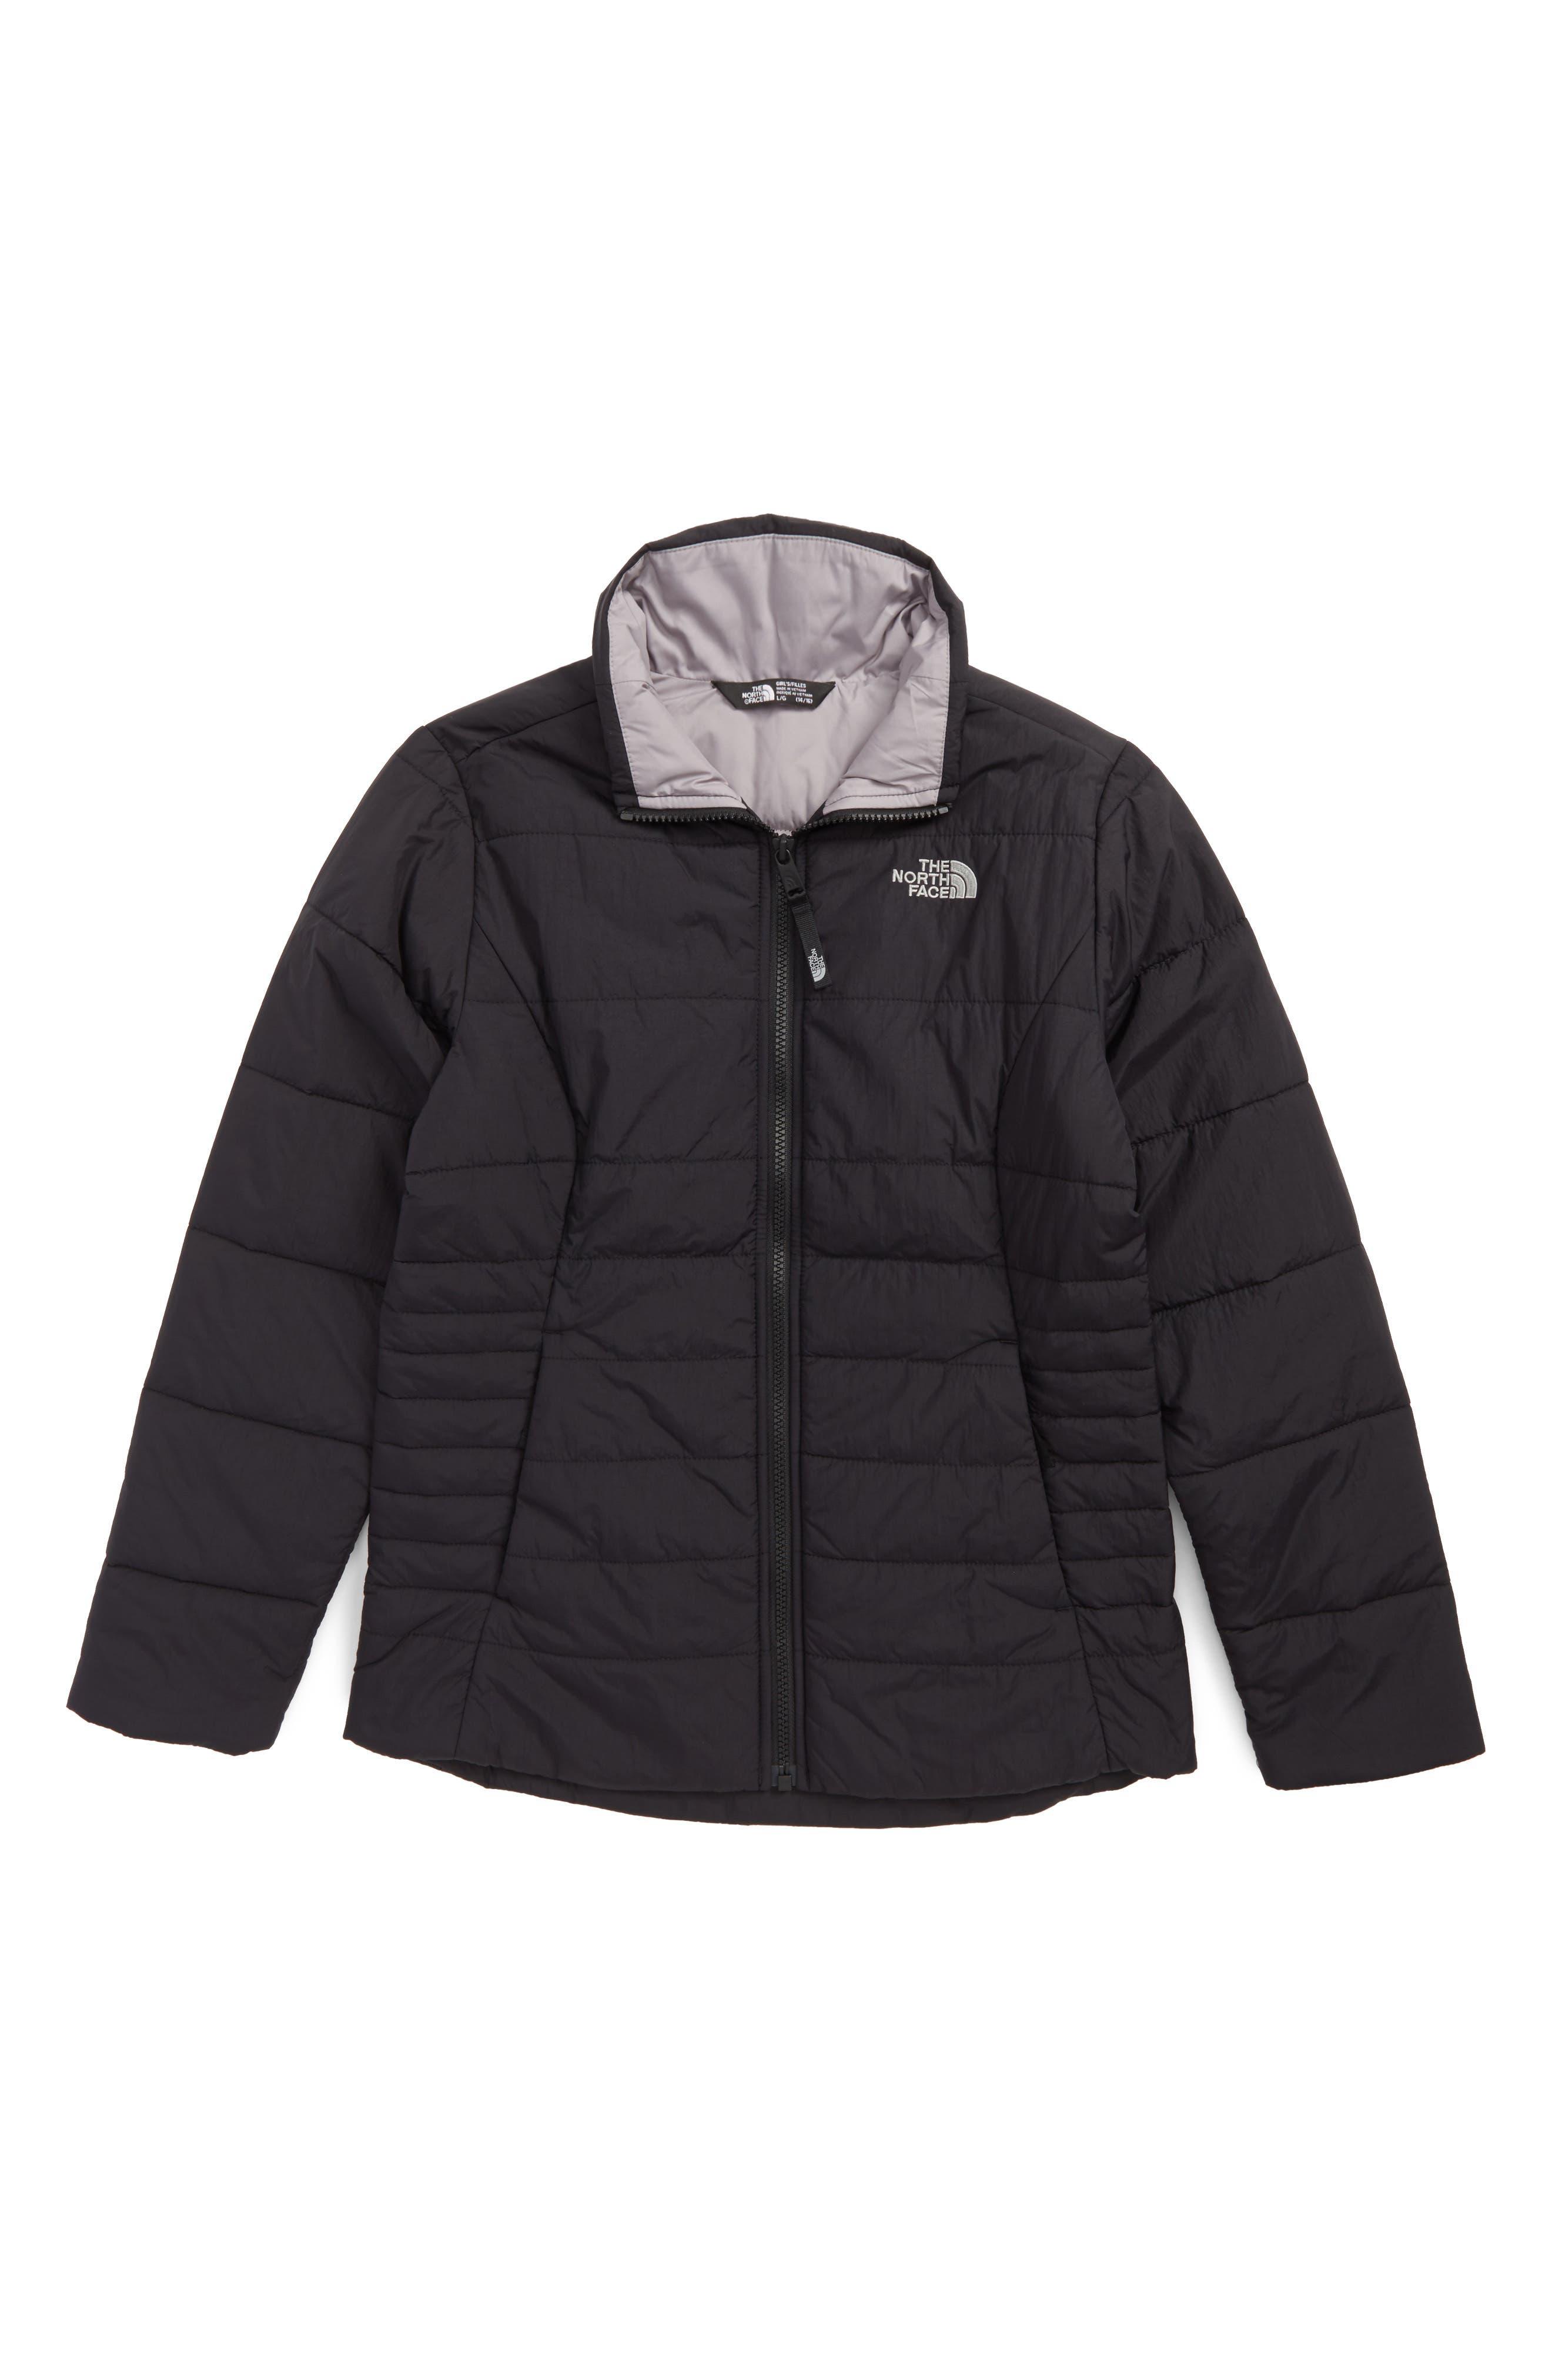 Harway Heatseeker<sup>™</sup>Water-Resistant Jacket,                         Main,                         color, Tnf Black